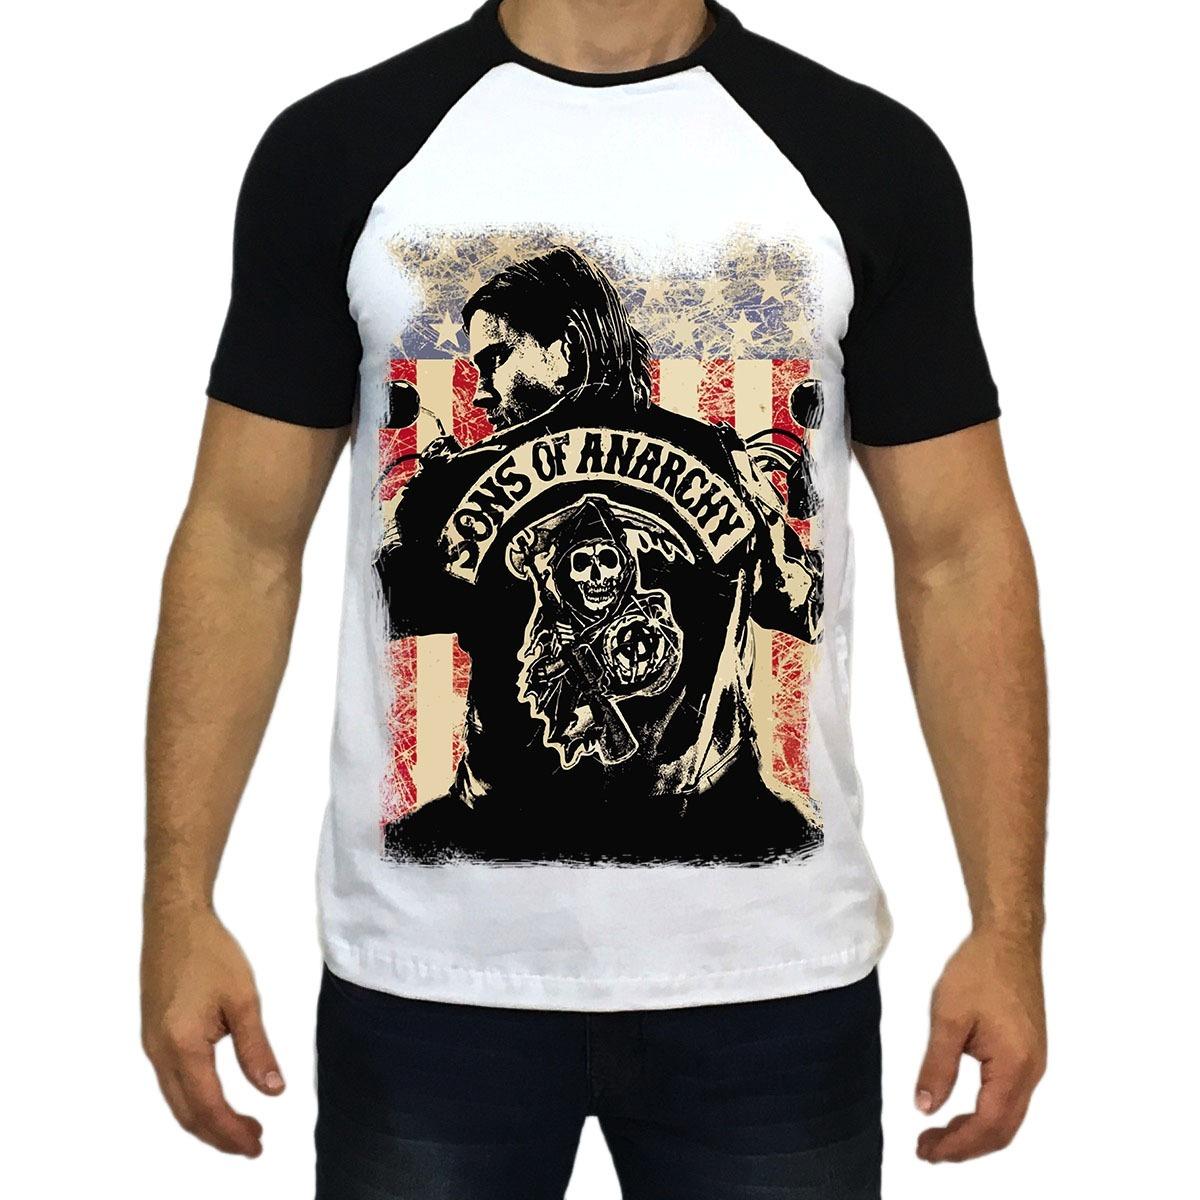 e9facee53e120 camiseta camisa blusa sons of anarchy filhos da anarquia. Carregando zoom.